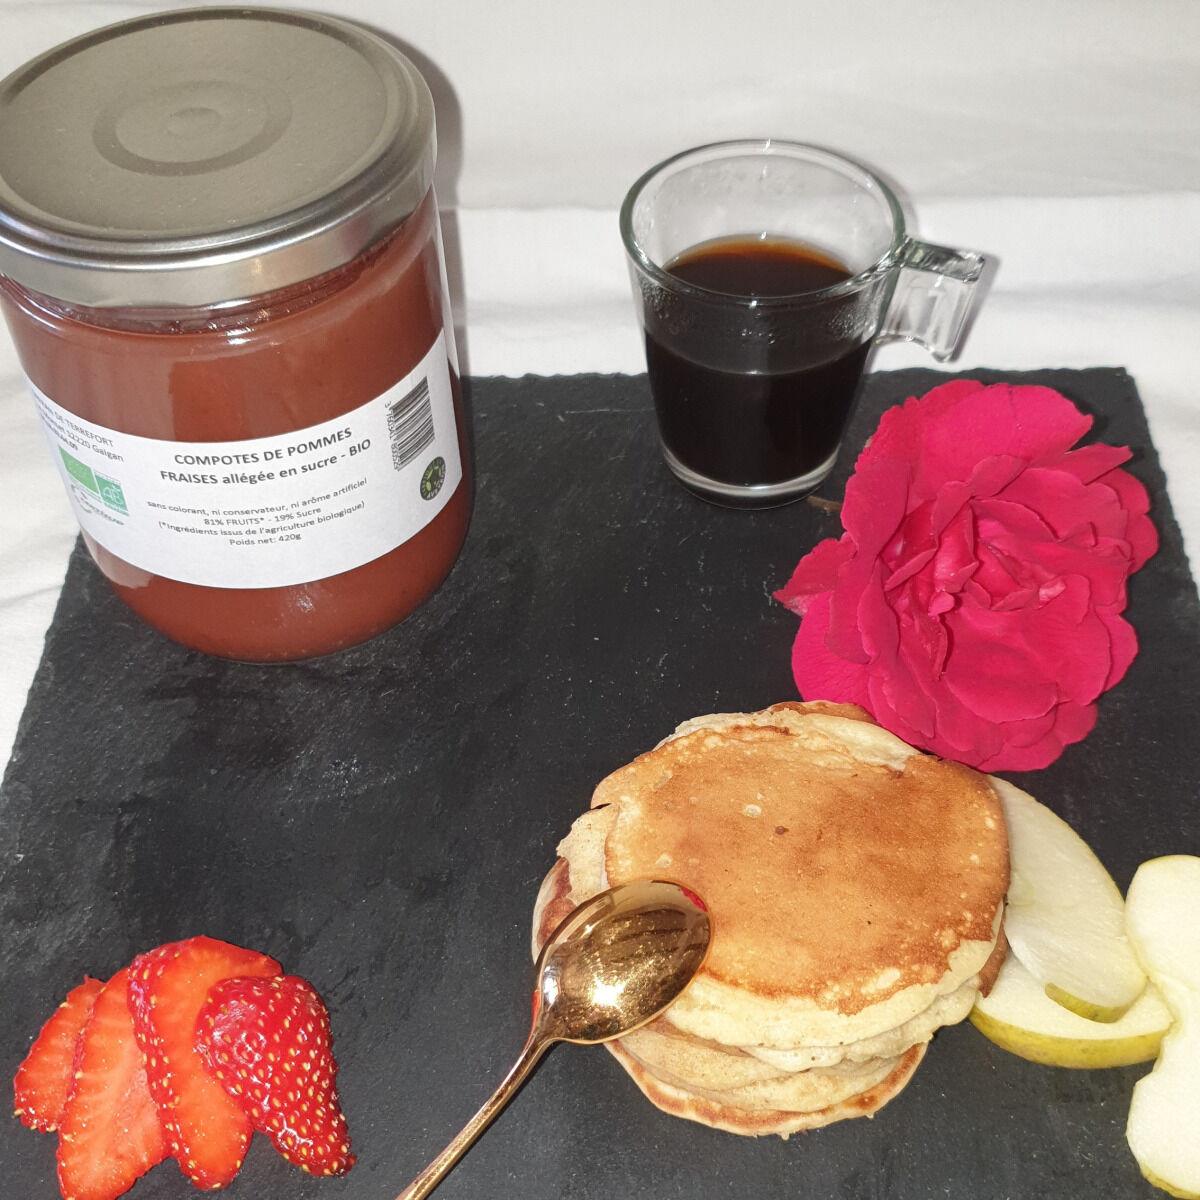 La Ferme du Montet Compote de Pommes fraises allégée en sucre BIO - 420 g